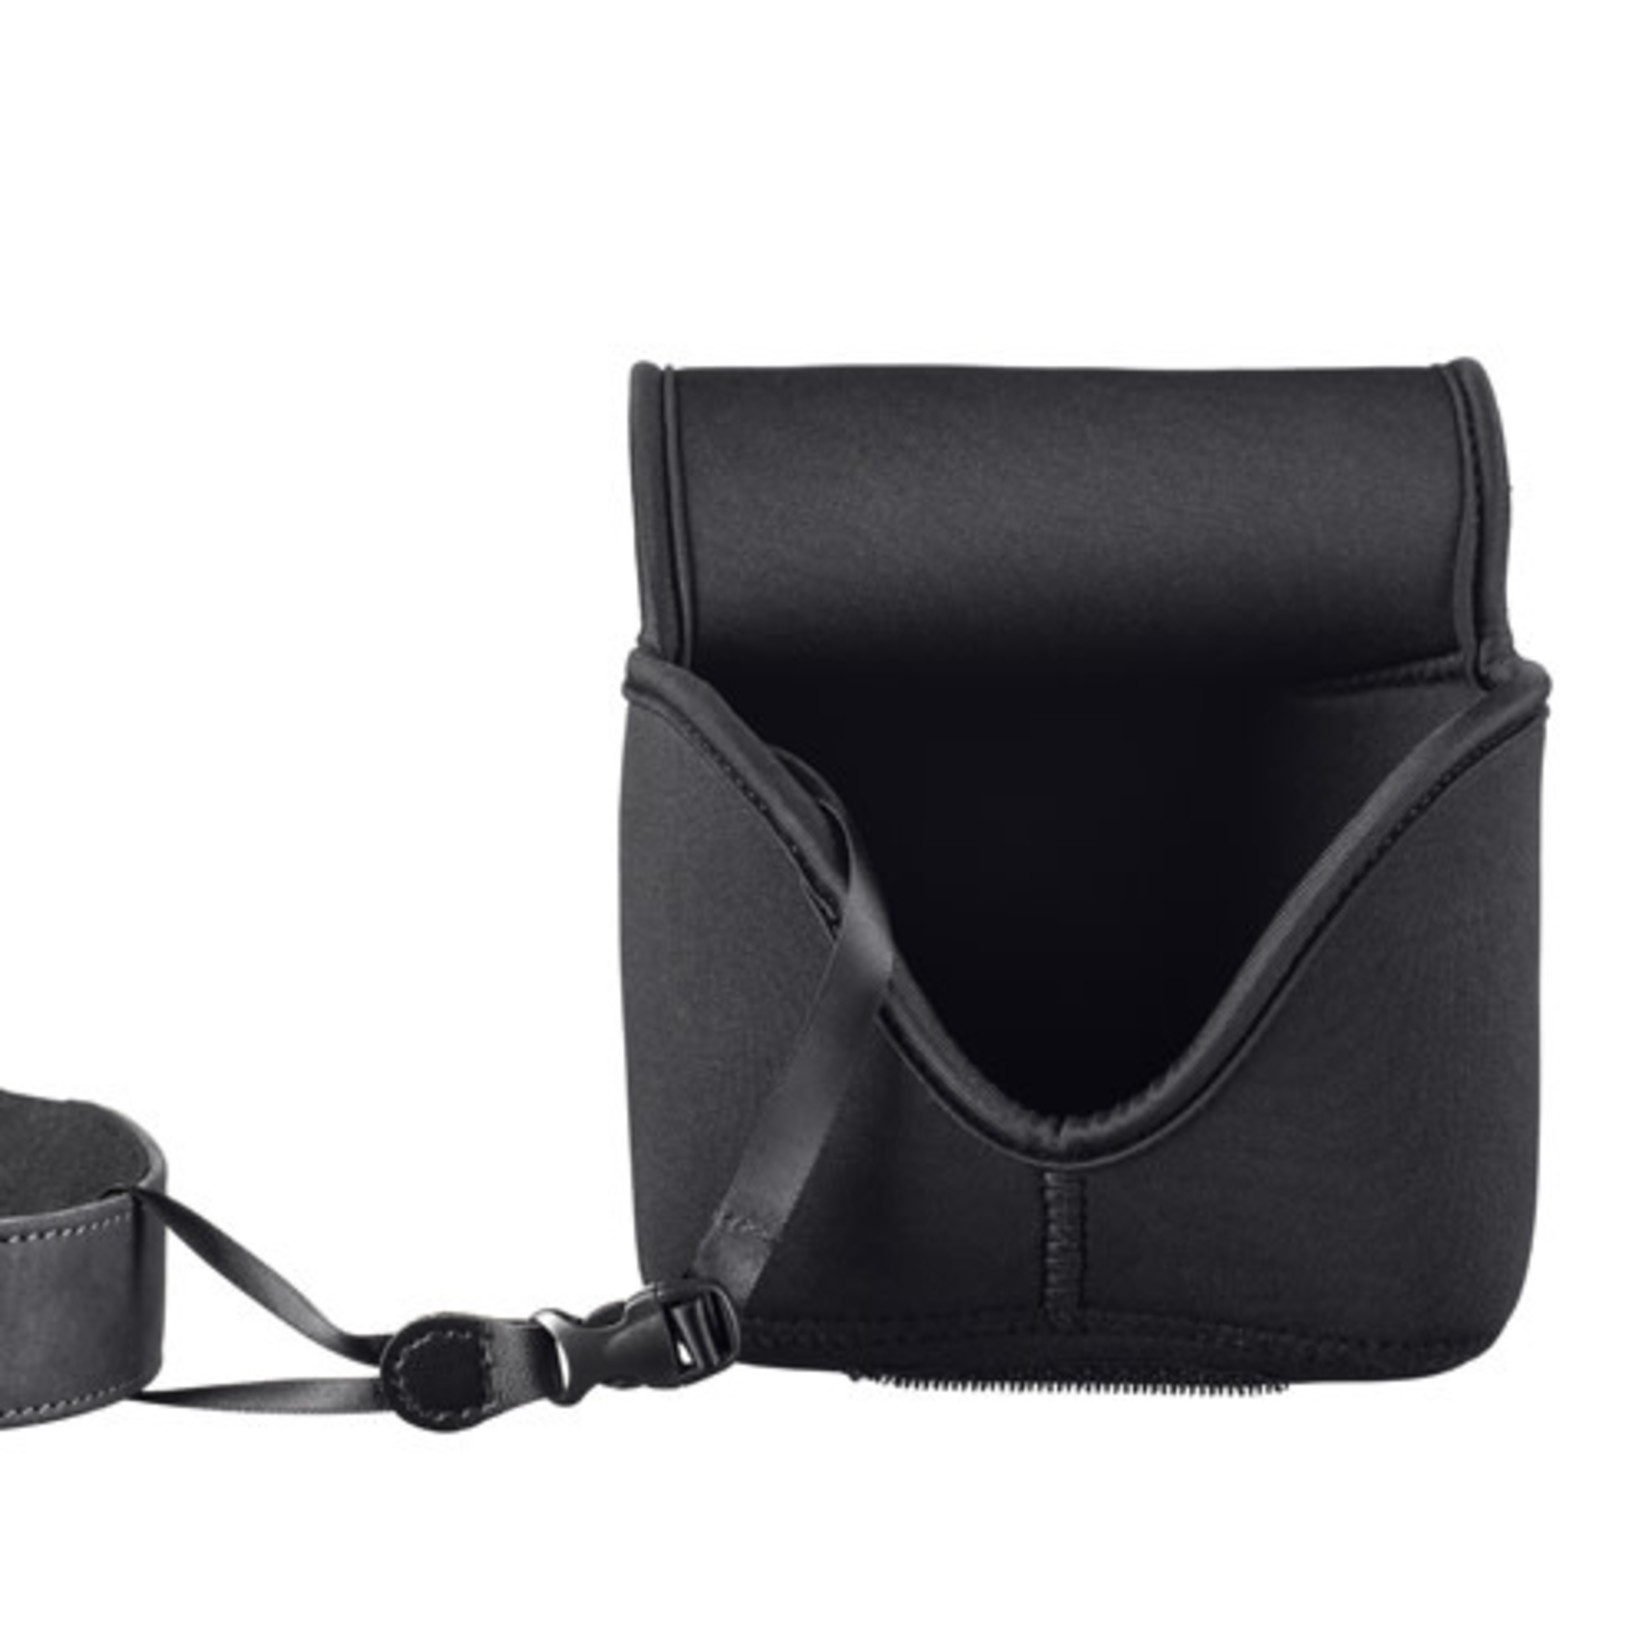 ProMaster Neoprene DSLR Camera Pouch - Small